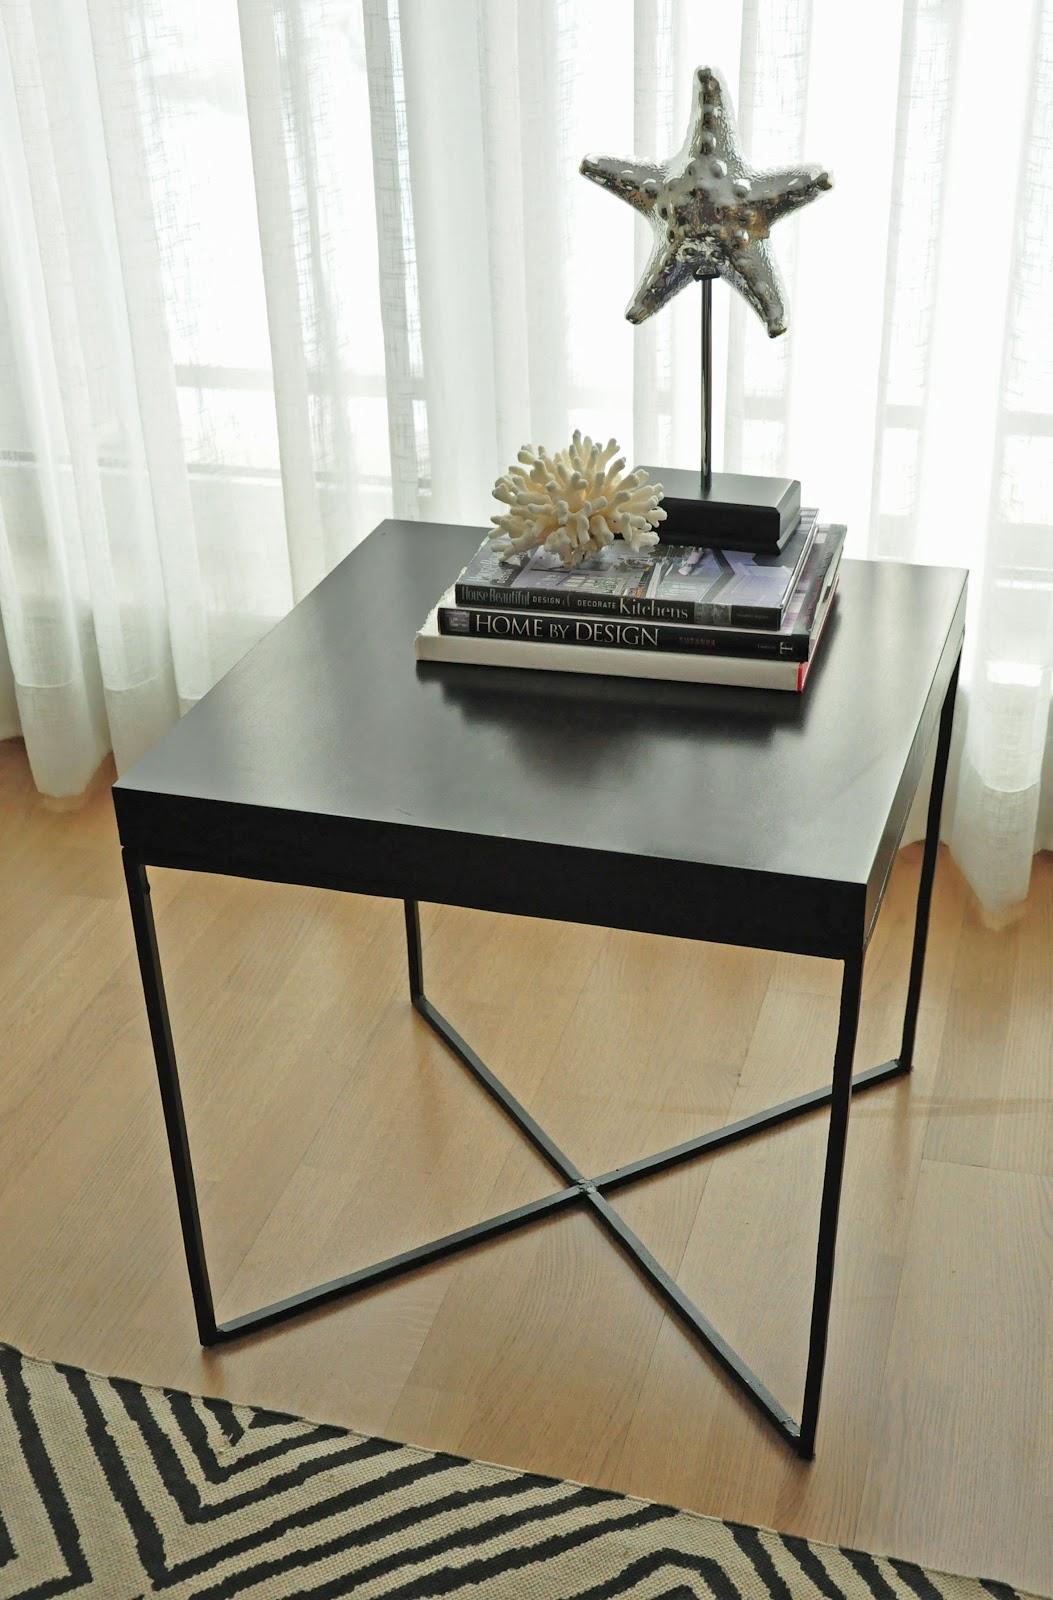 Diy ikea hack mesa auxiliar lack blog tienda decoraci n estilo n rdico delikatissen - Mesa auxiliar estilo nordico ...